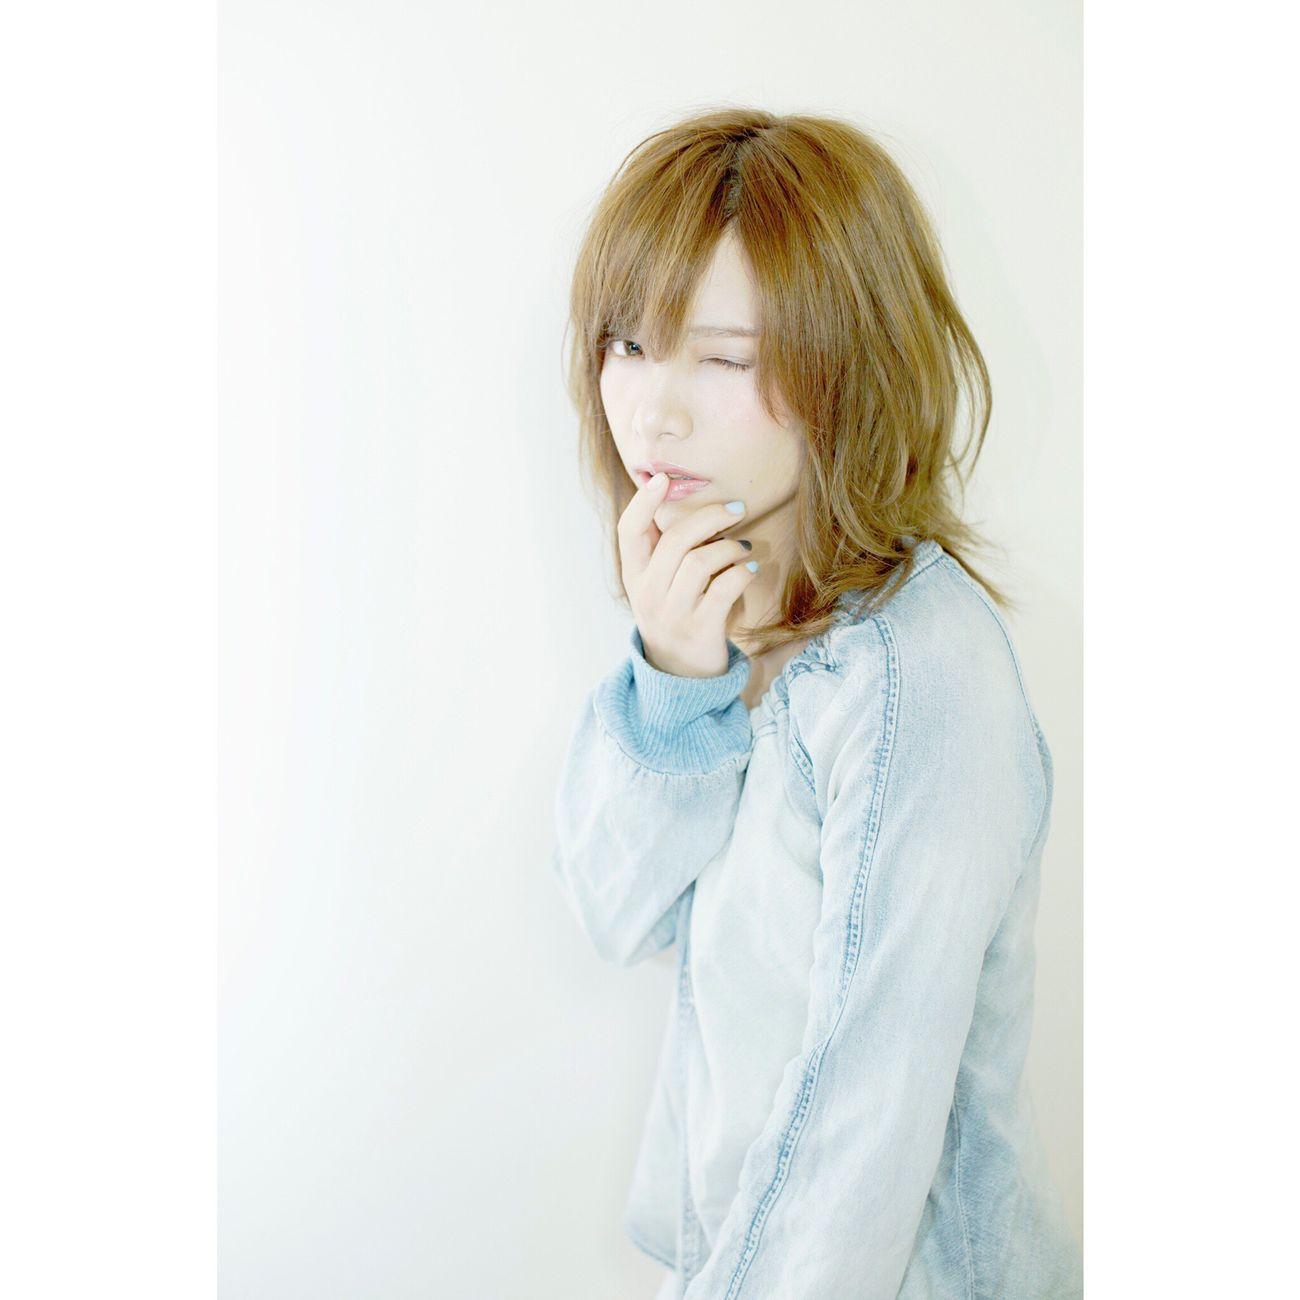 2人目カールスタイル 美容室 サロンモデル 箕面 Hairstyle Kokubutoshinobu Japanese Girl Japan Beauty Girl Beauty Of Nature Beauty Hair